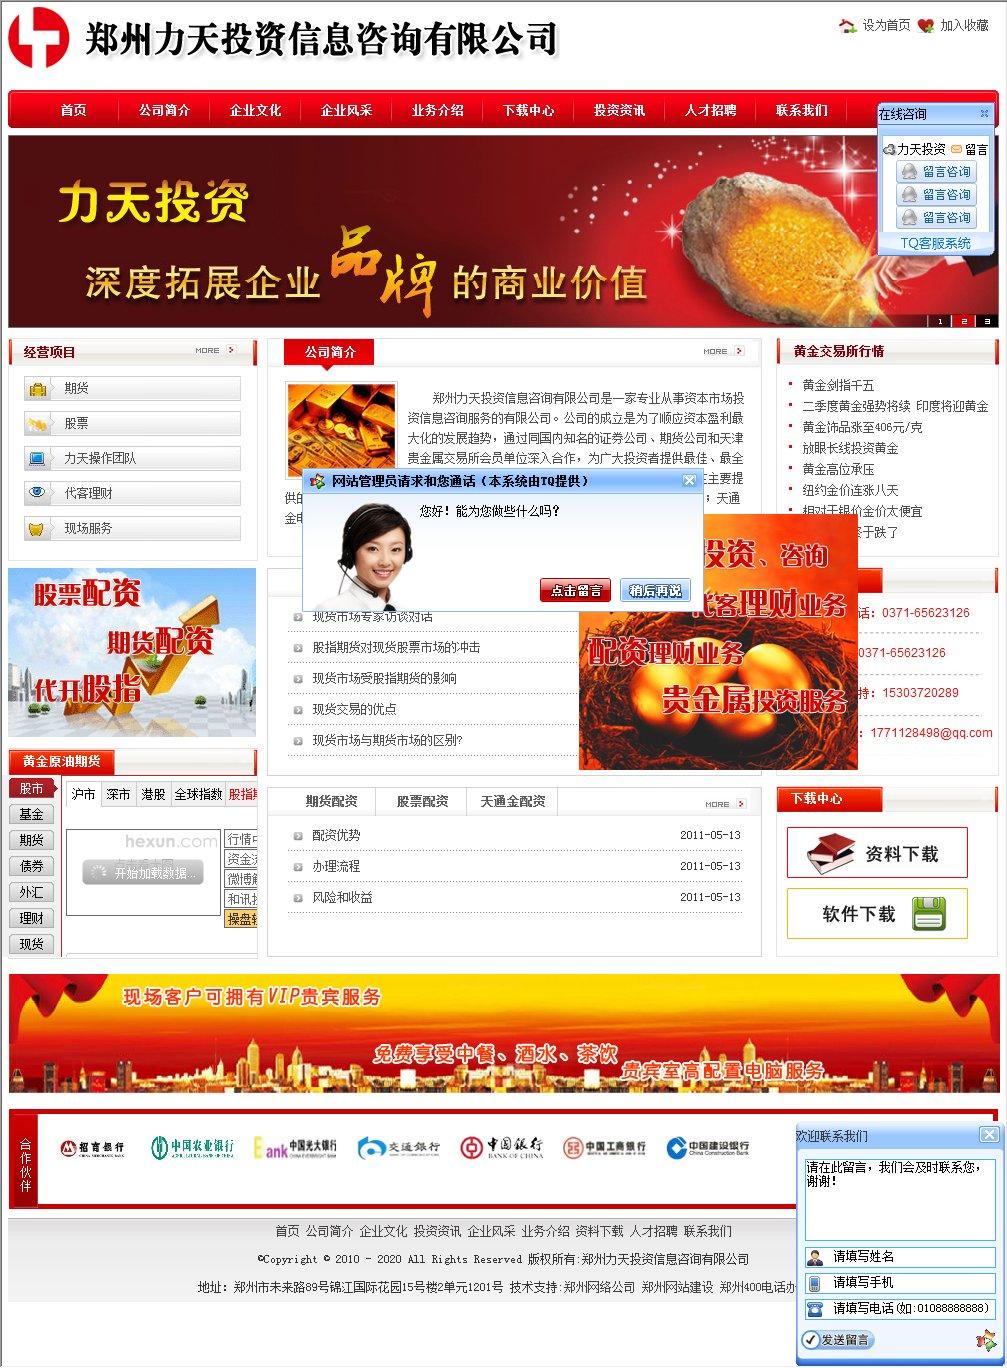 郑州力天投资信息咨询有限公司.jpg